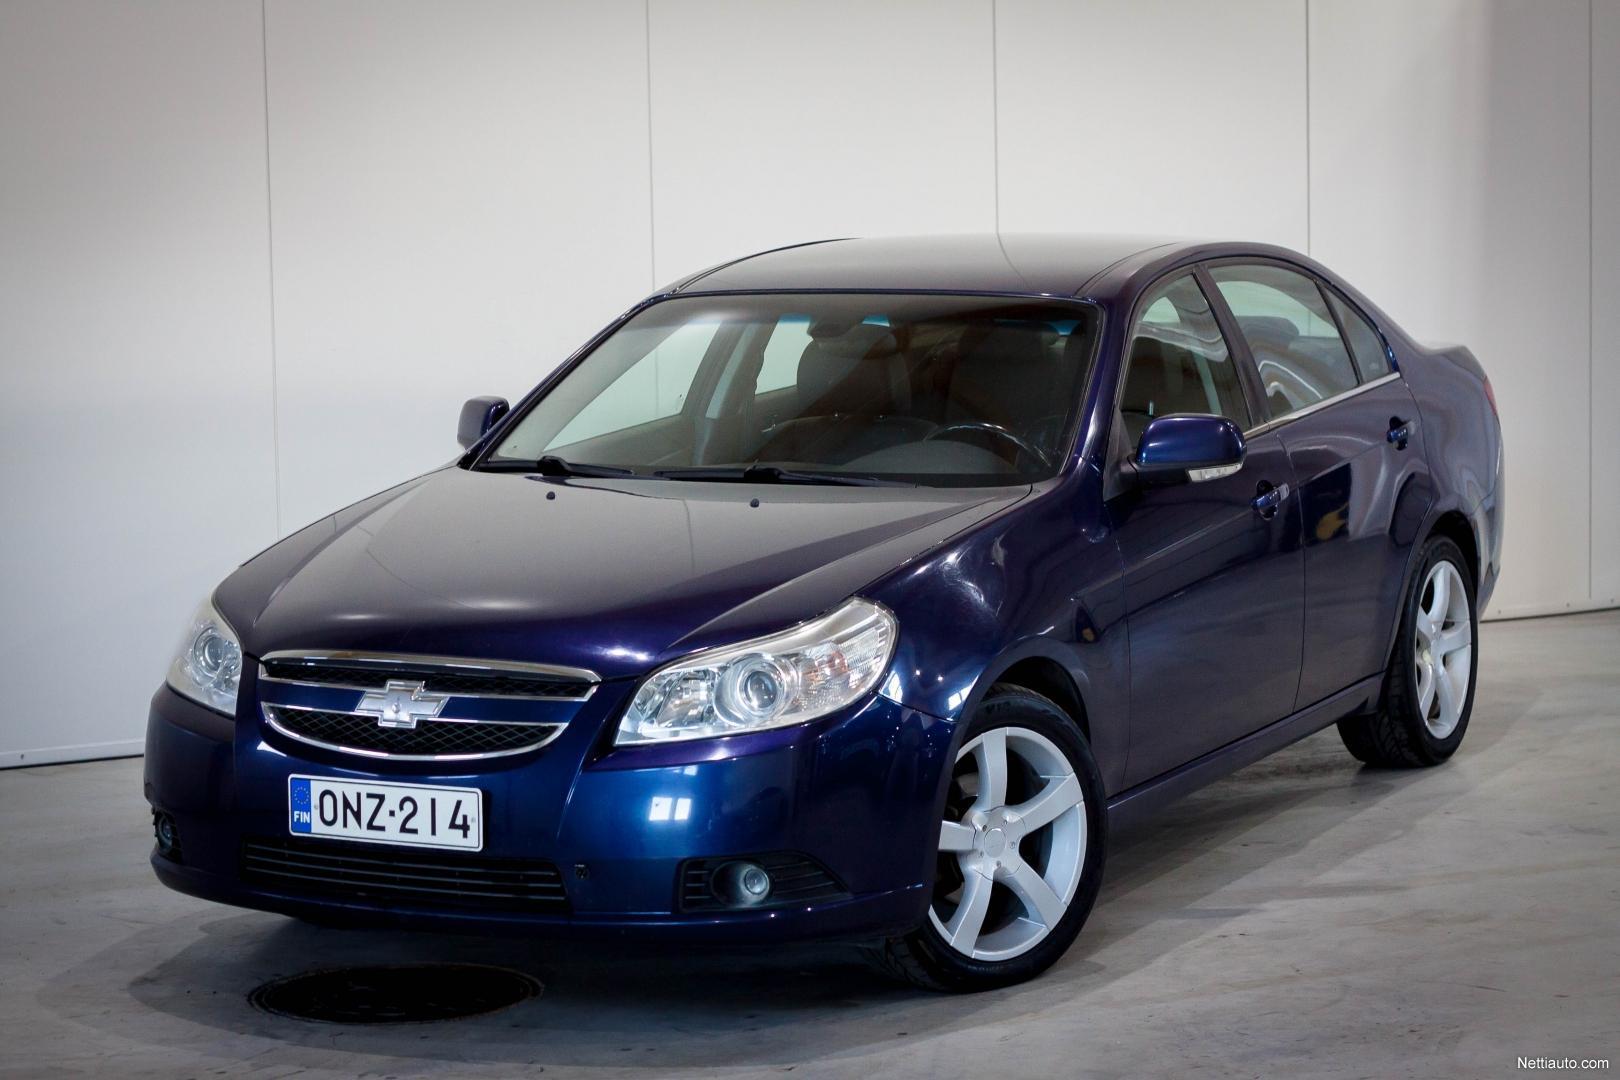 Enlarge image. Chevrolet Epica